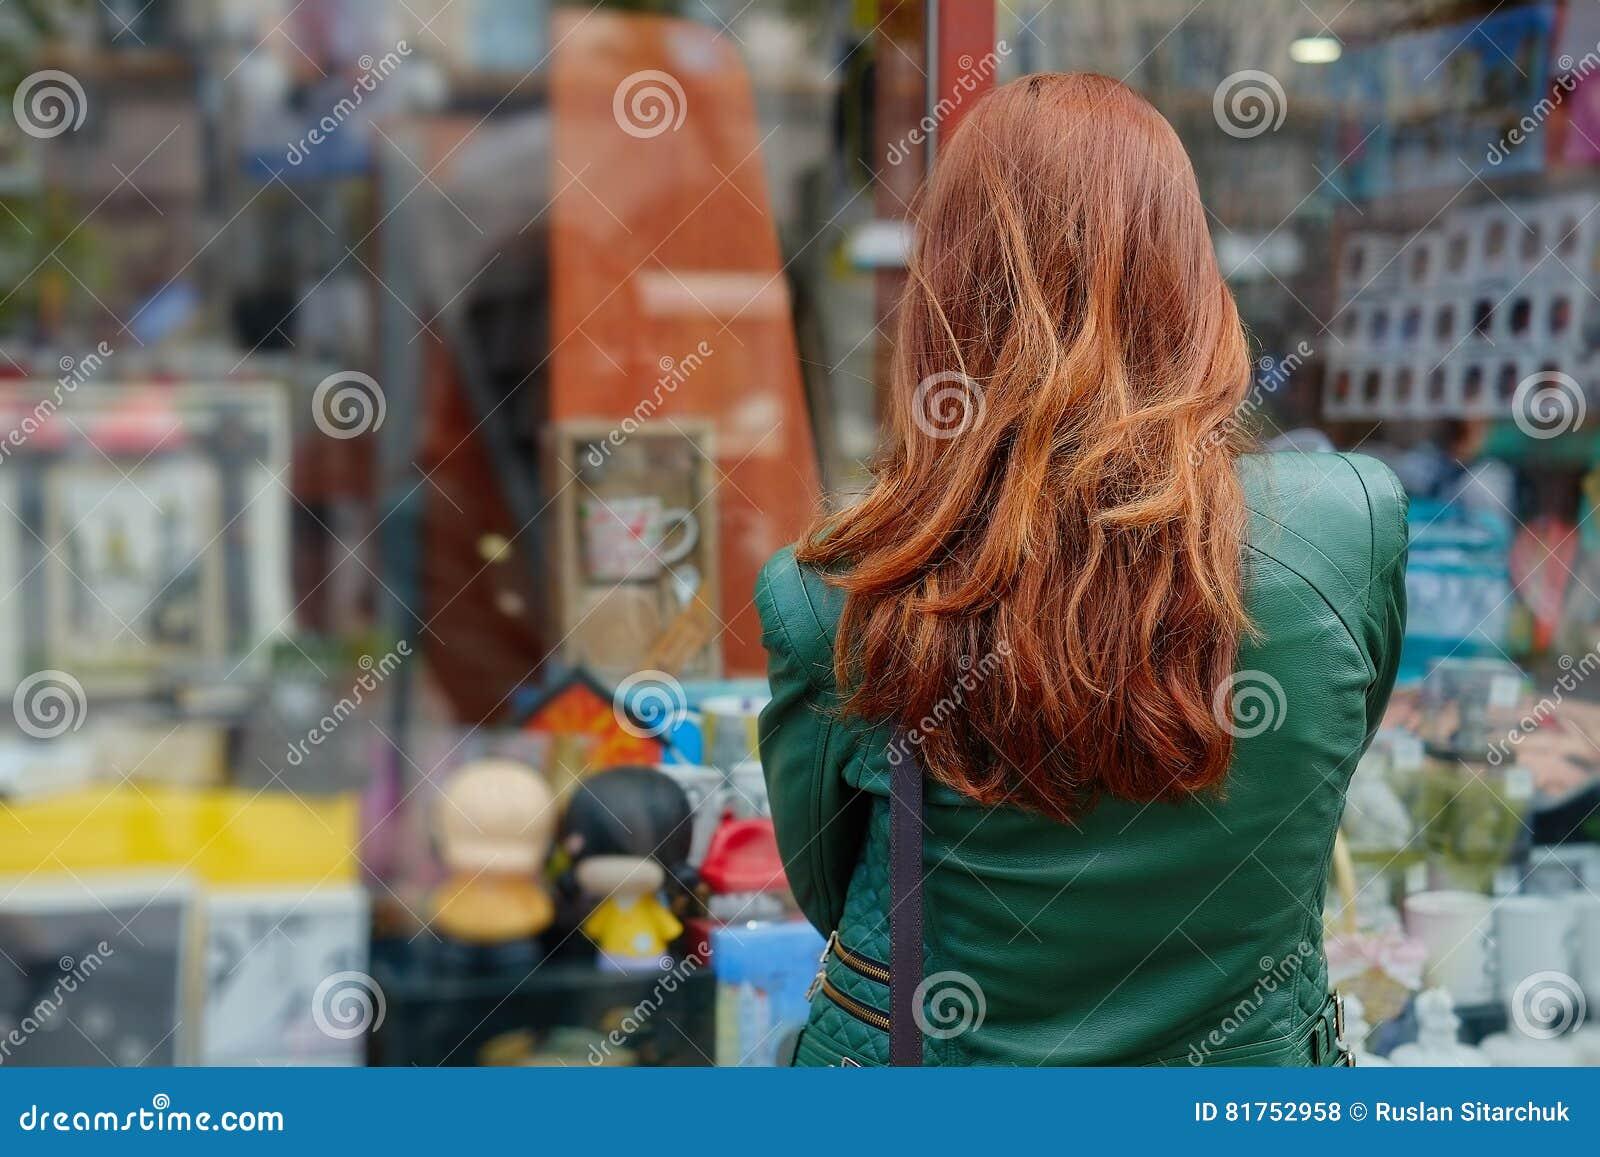 La femme rousse regarde une fenêtre de boutique